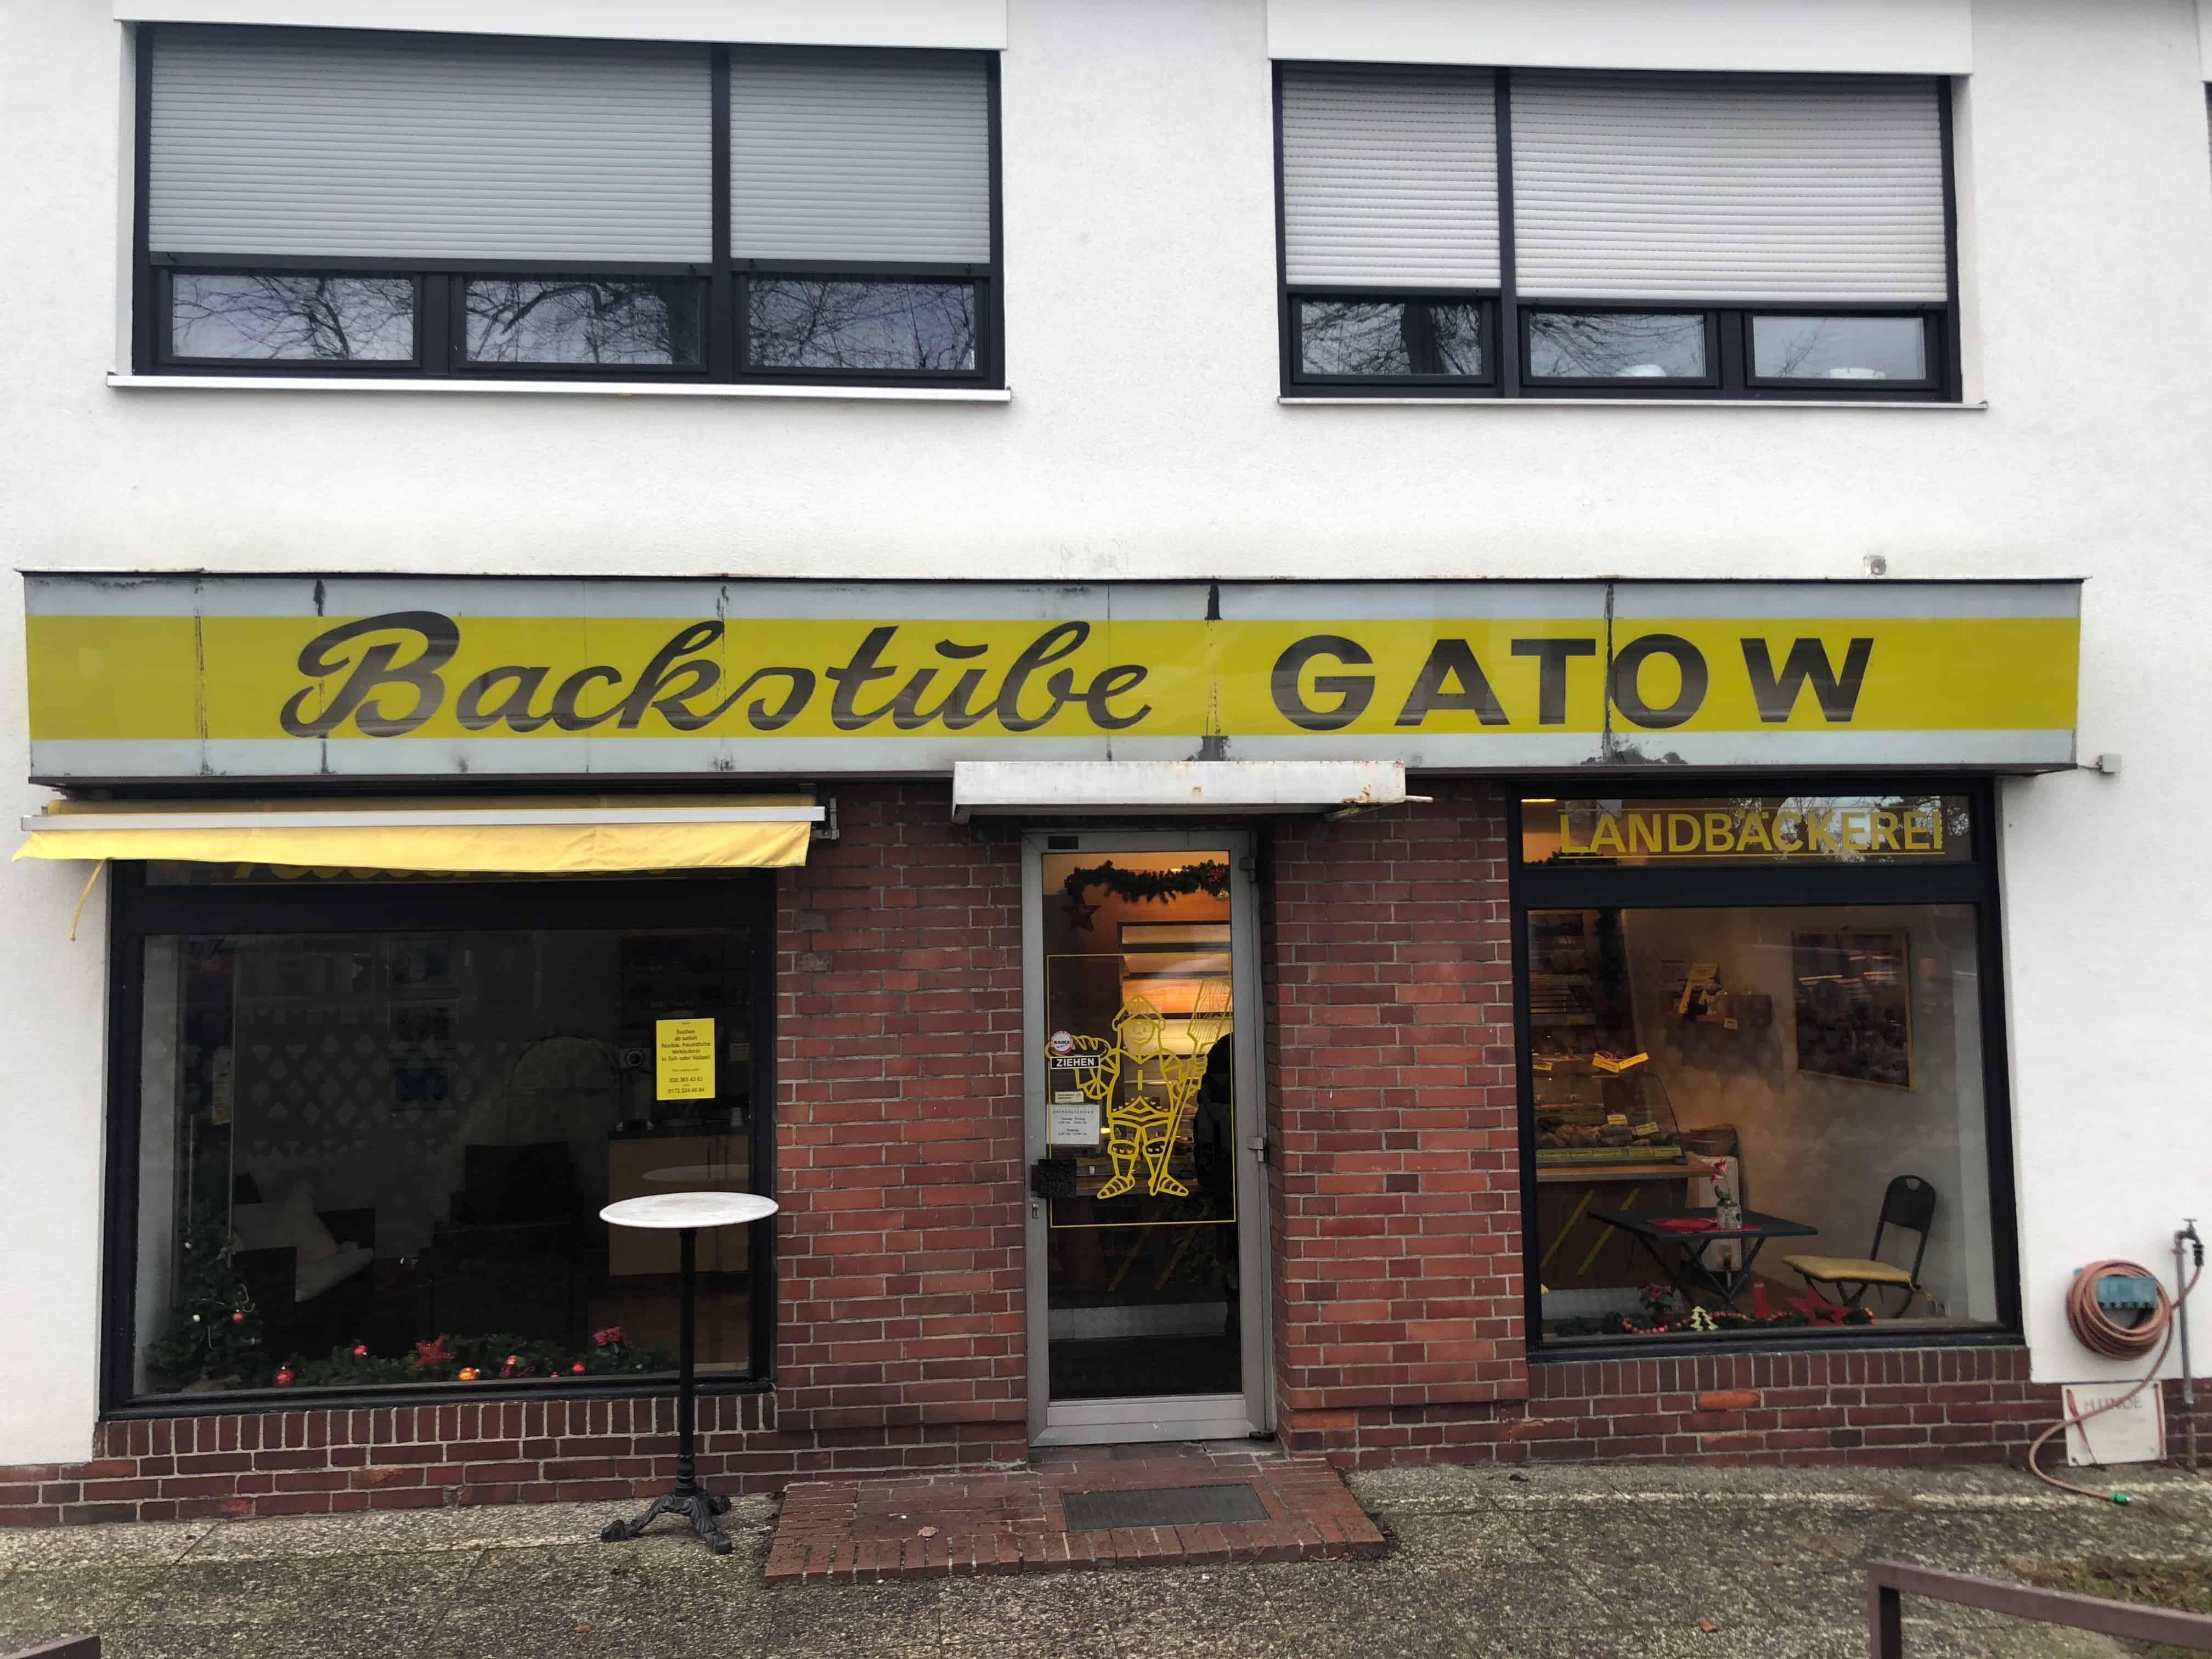 Backstube Gatow